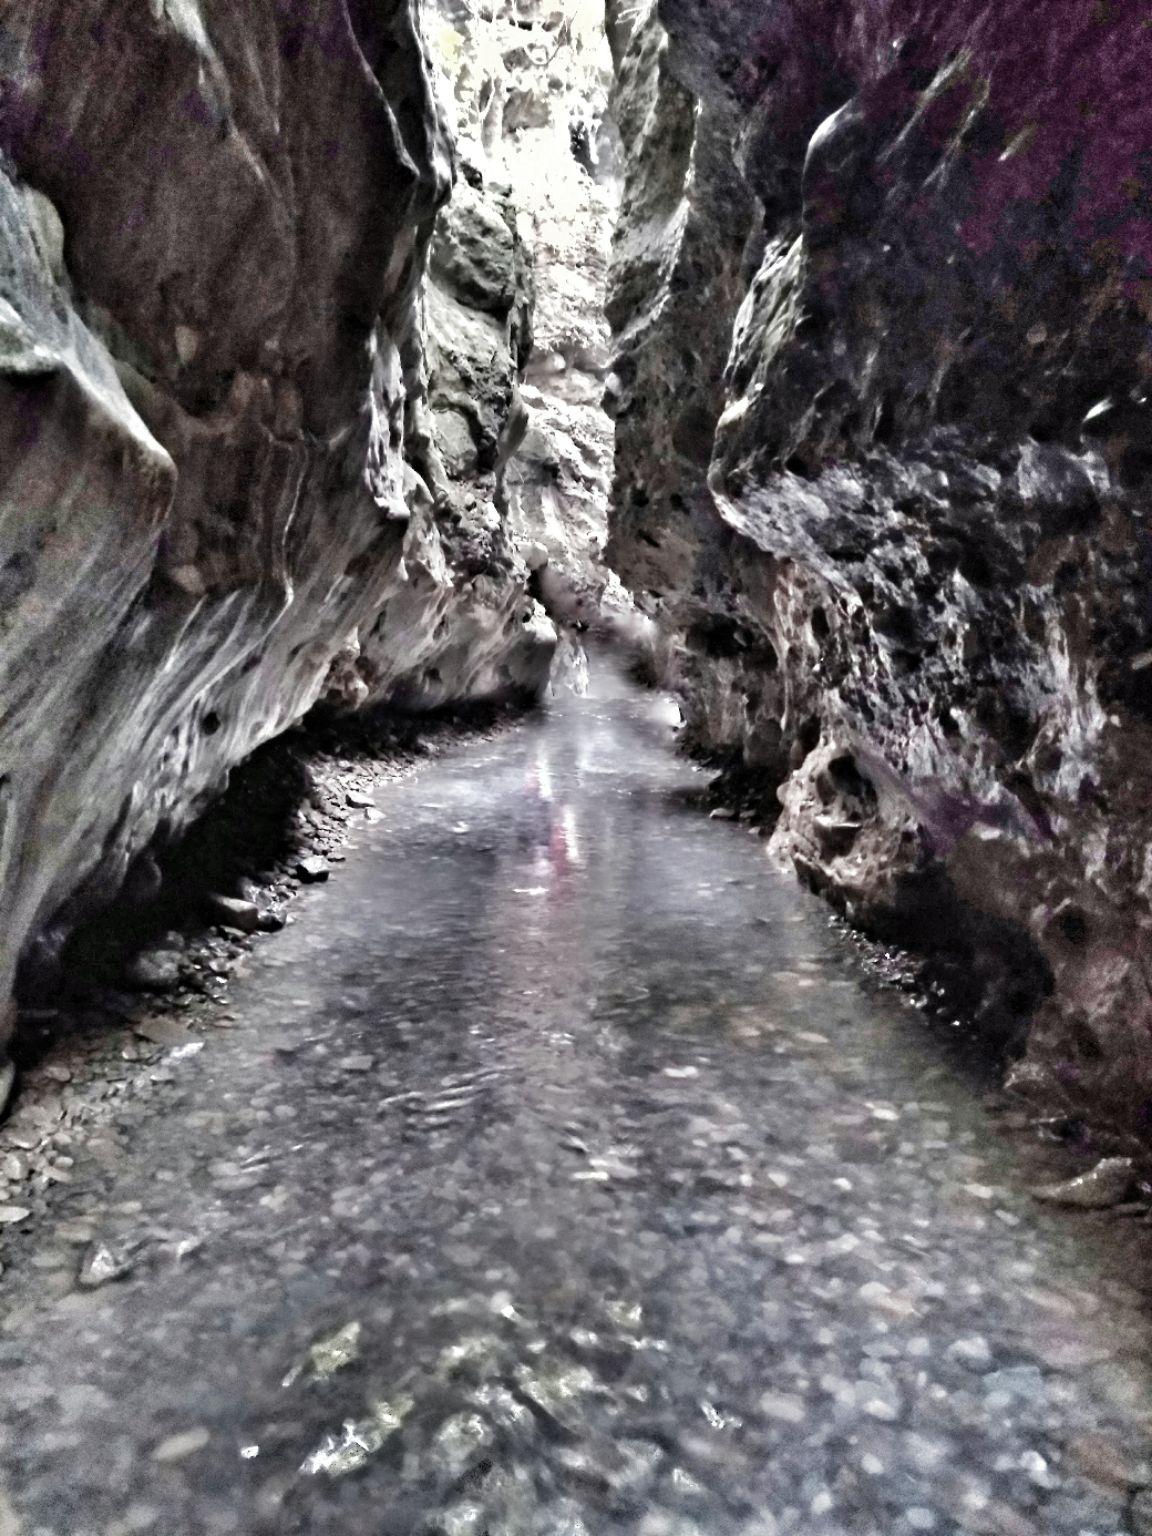 Photo of Robers Cave Guchhup Pani India By Shubham Jain